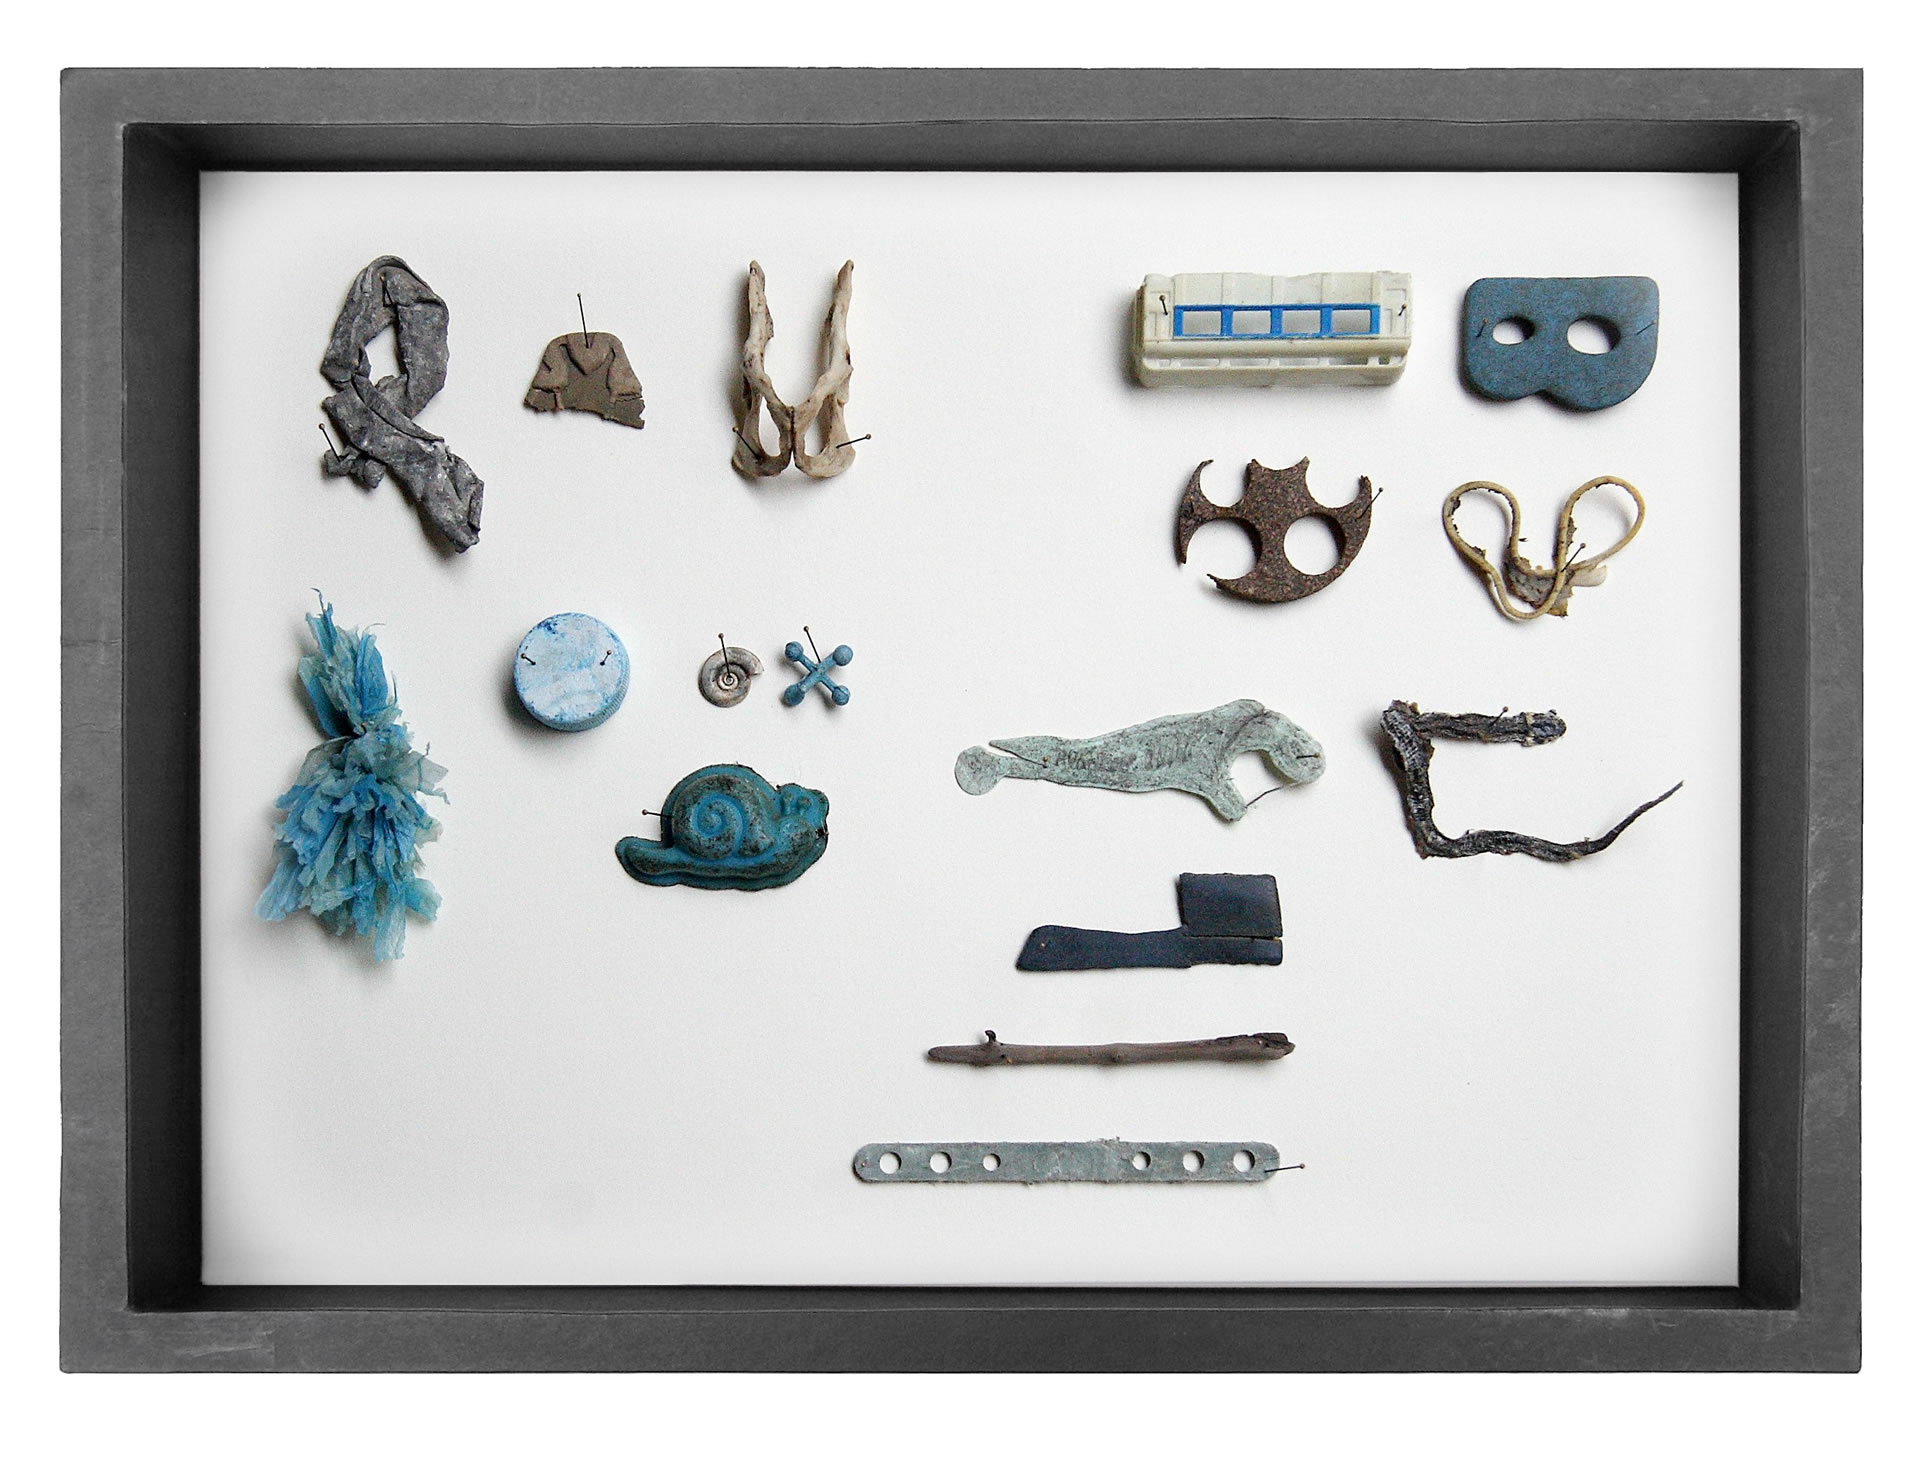 Edith Payer | Sloanes Agony | Sammelobjekte in Schaukaesten | 40 x 30 x 9 cm | work in progress seit 2011 blau | Galerie3